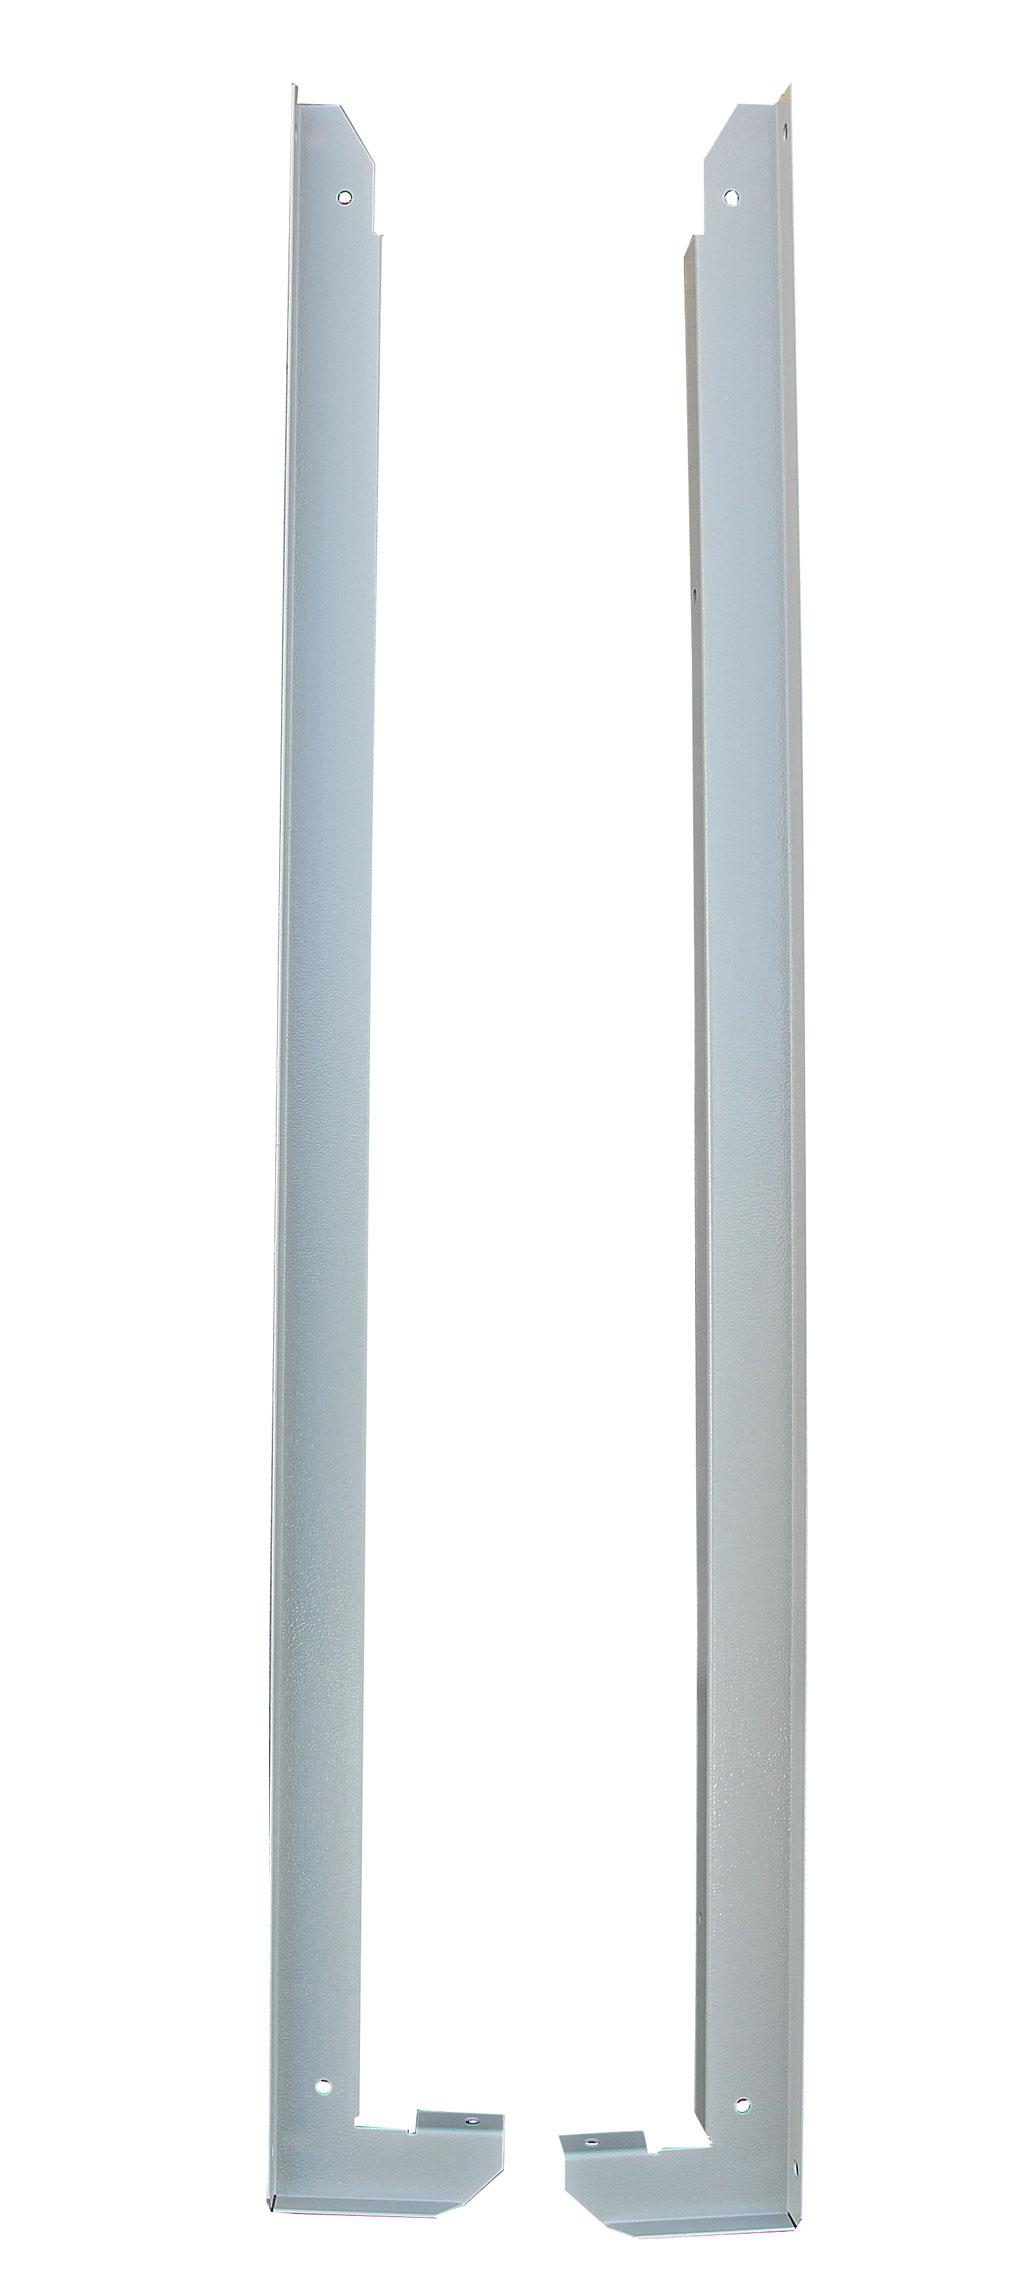 Komplett-Vaggfaste-till-dubbelvaggiga-aluminiumsskap-800mm-hoga